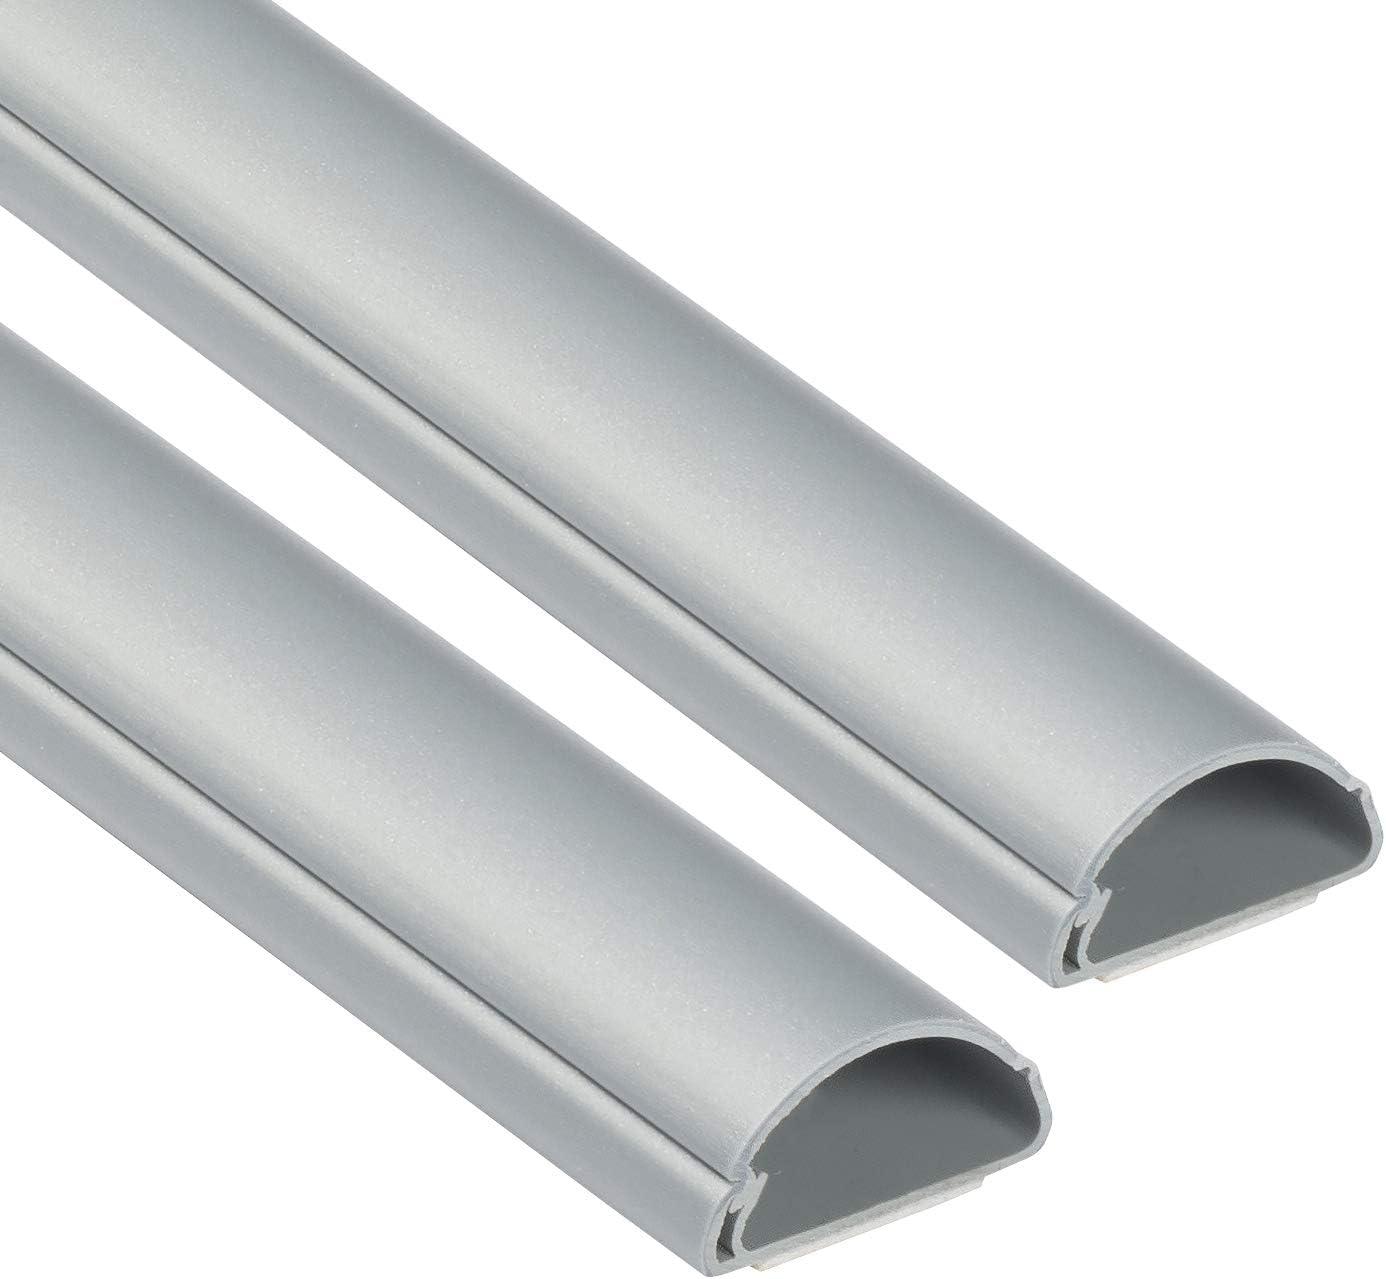 D Line 1d3015a 2pk Mini Kabelkanal Zur Kabelführung Kabelleiste 2 X 30x15 Mm 1 M Länge 2 Meter Aluminium Effekt Garten